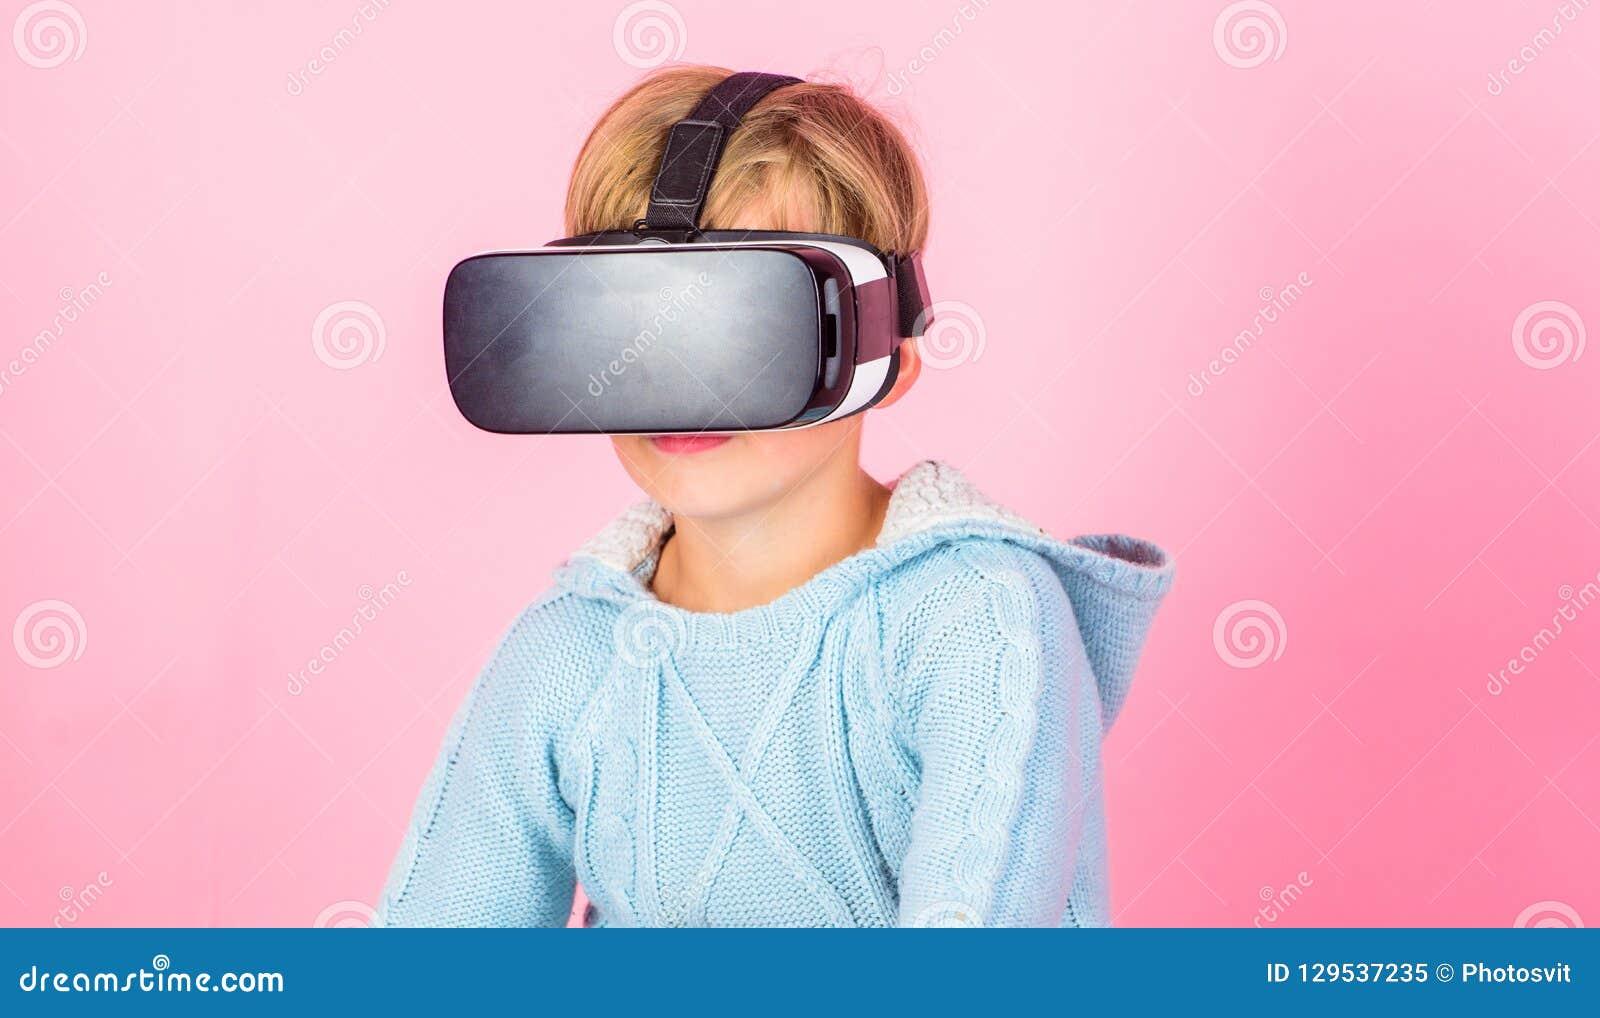 Технология будущего виртуальной реальности Откройте виртуальную реальность Предпосылка стекел vr носки мальчика ребенк розовая Иг